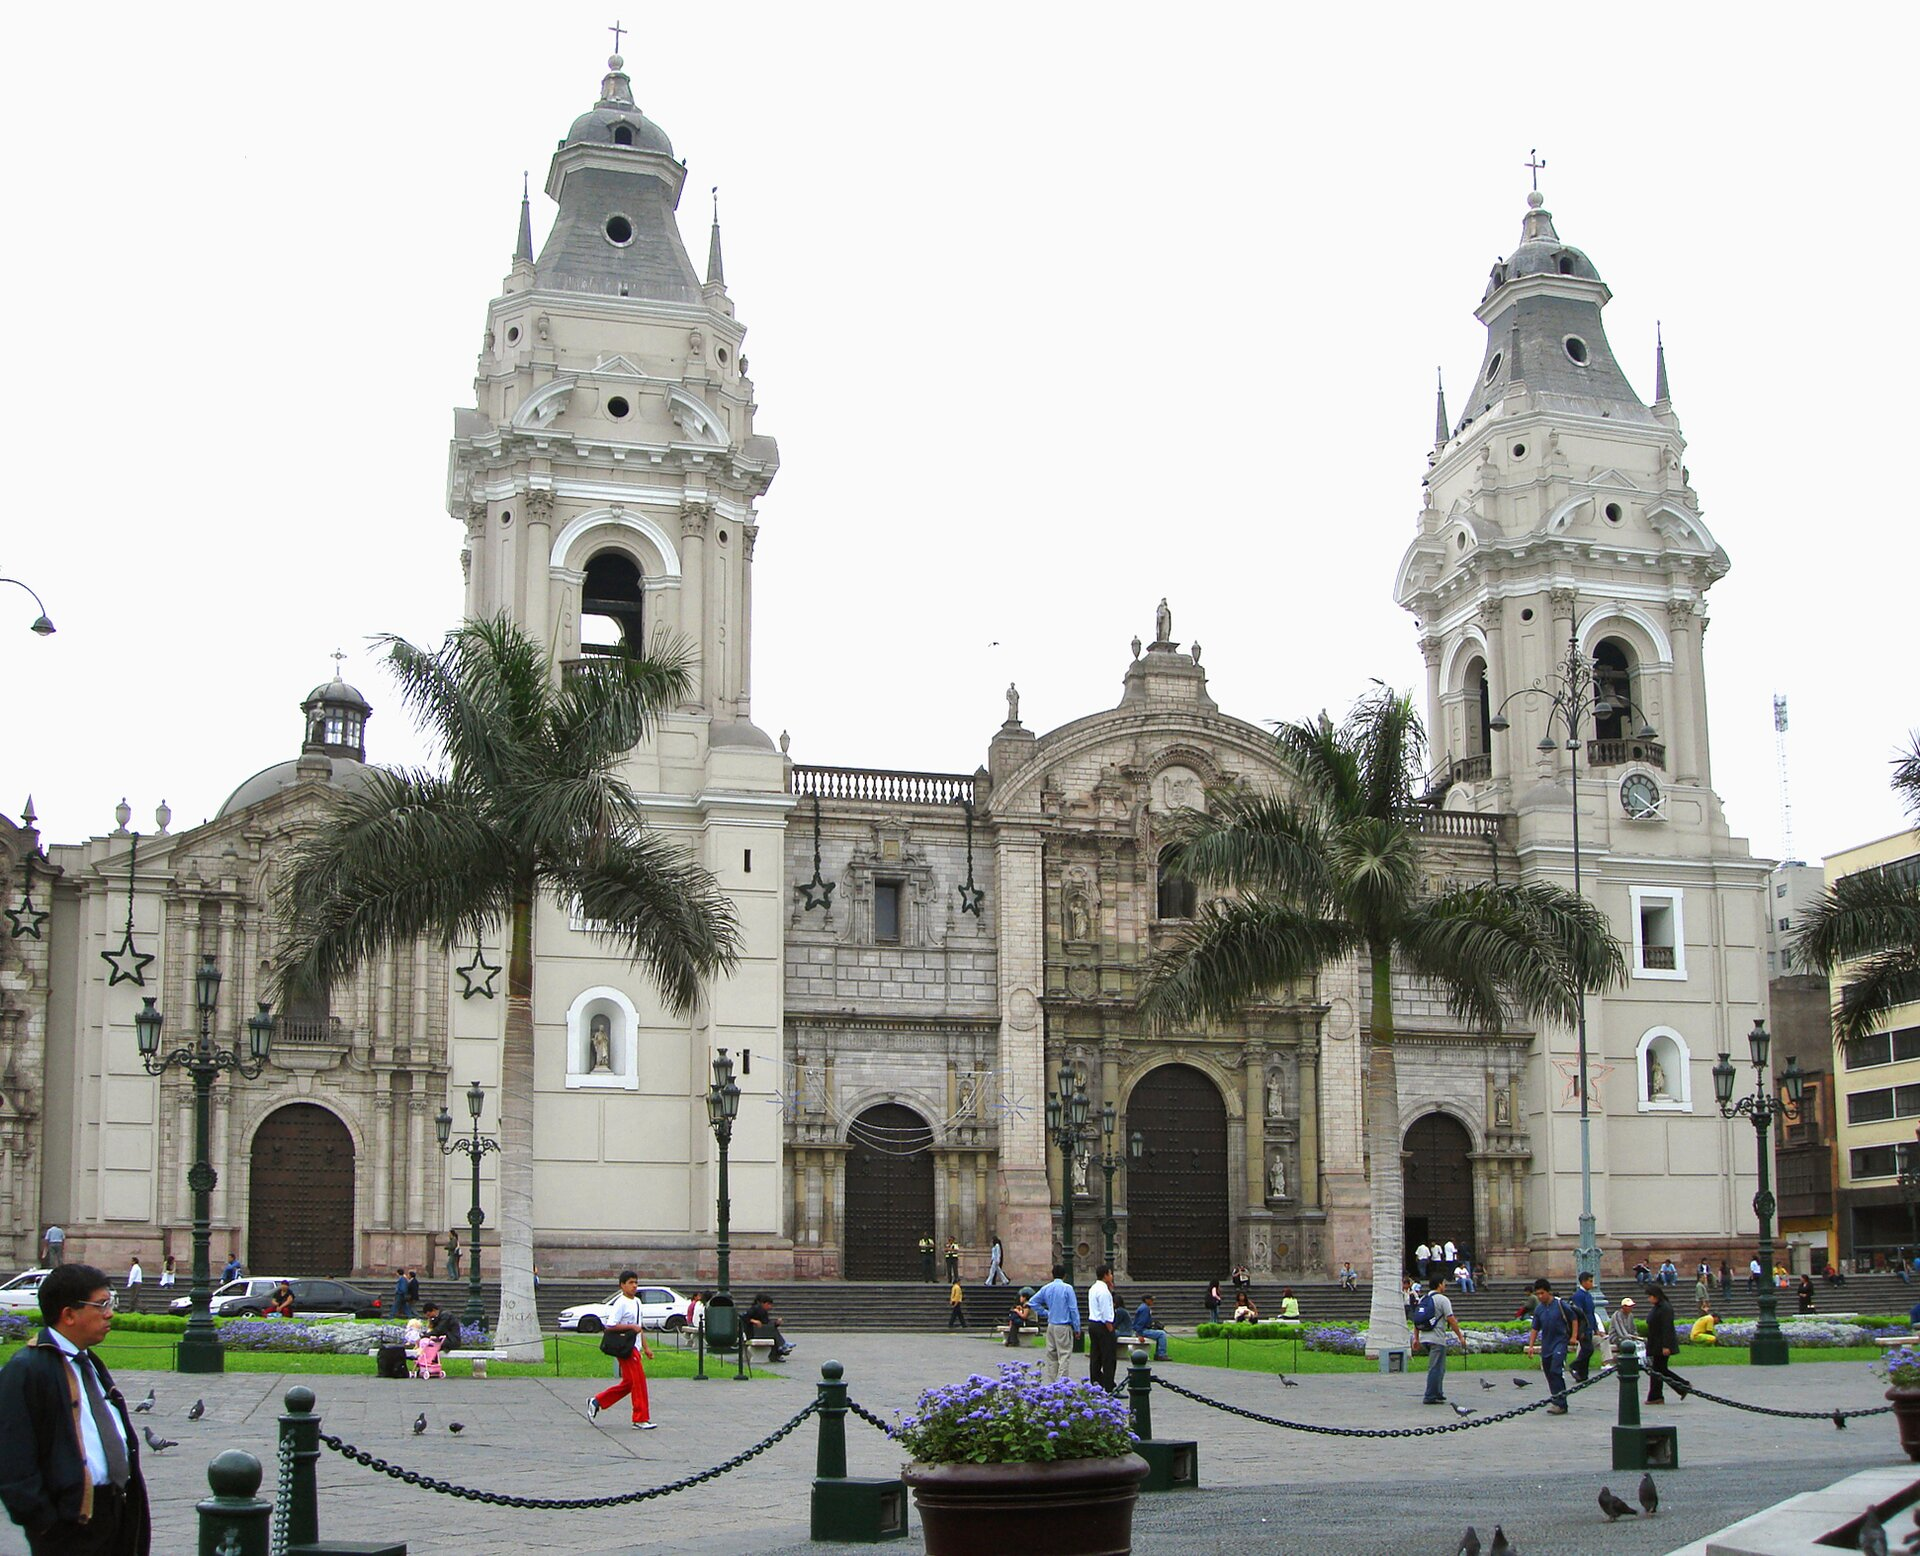 Wielkie kościoły barokowe wAmeryce kolonialnej: Katedra wLimie Wielkie kościoły barokowe wAmeryce kolonialnej: Katedra wLimie Źródło: Victoria Alexandra González Olaechea Yrigoyen, Wikimedia Commons, licencja: CC BY-SA 3.0.